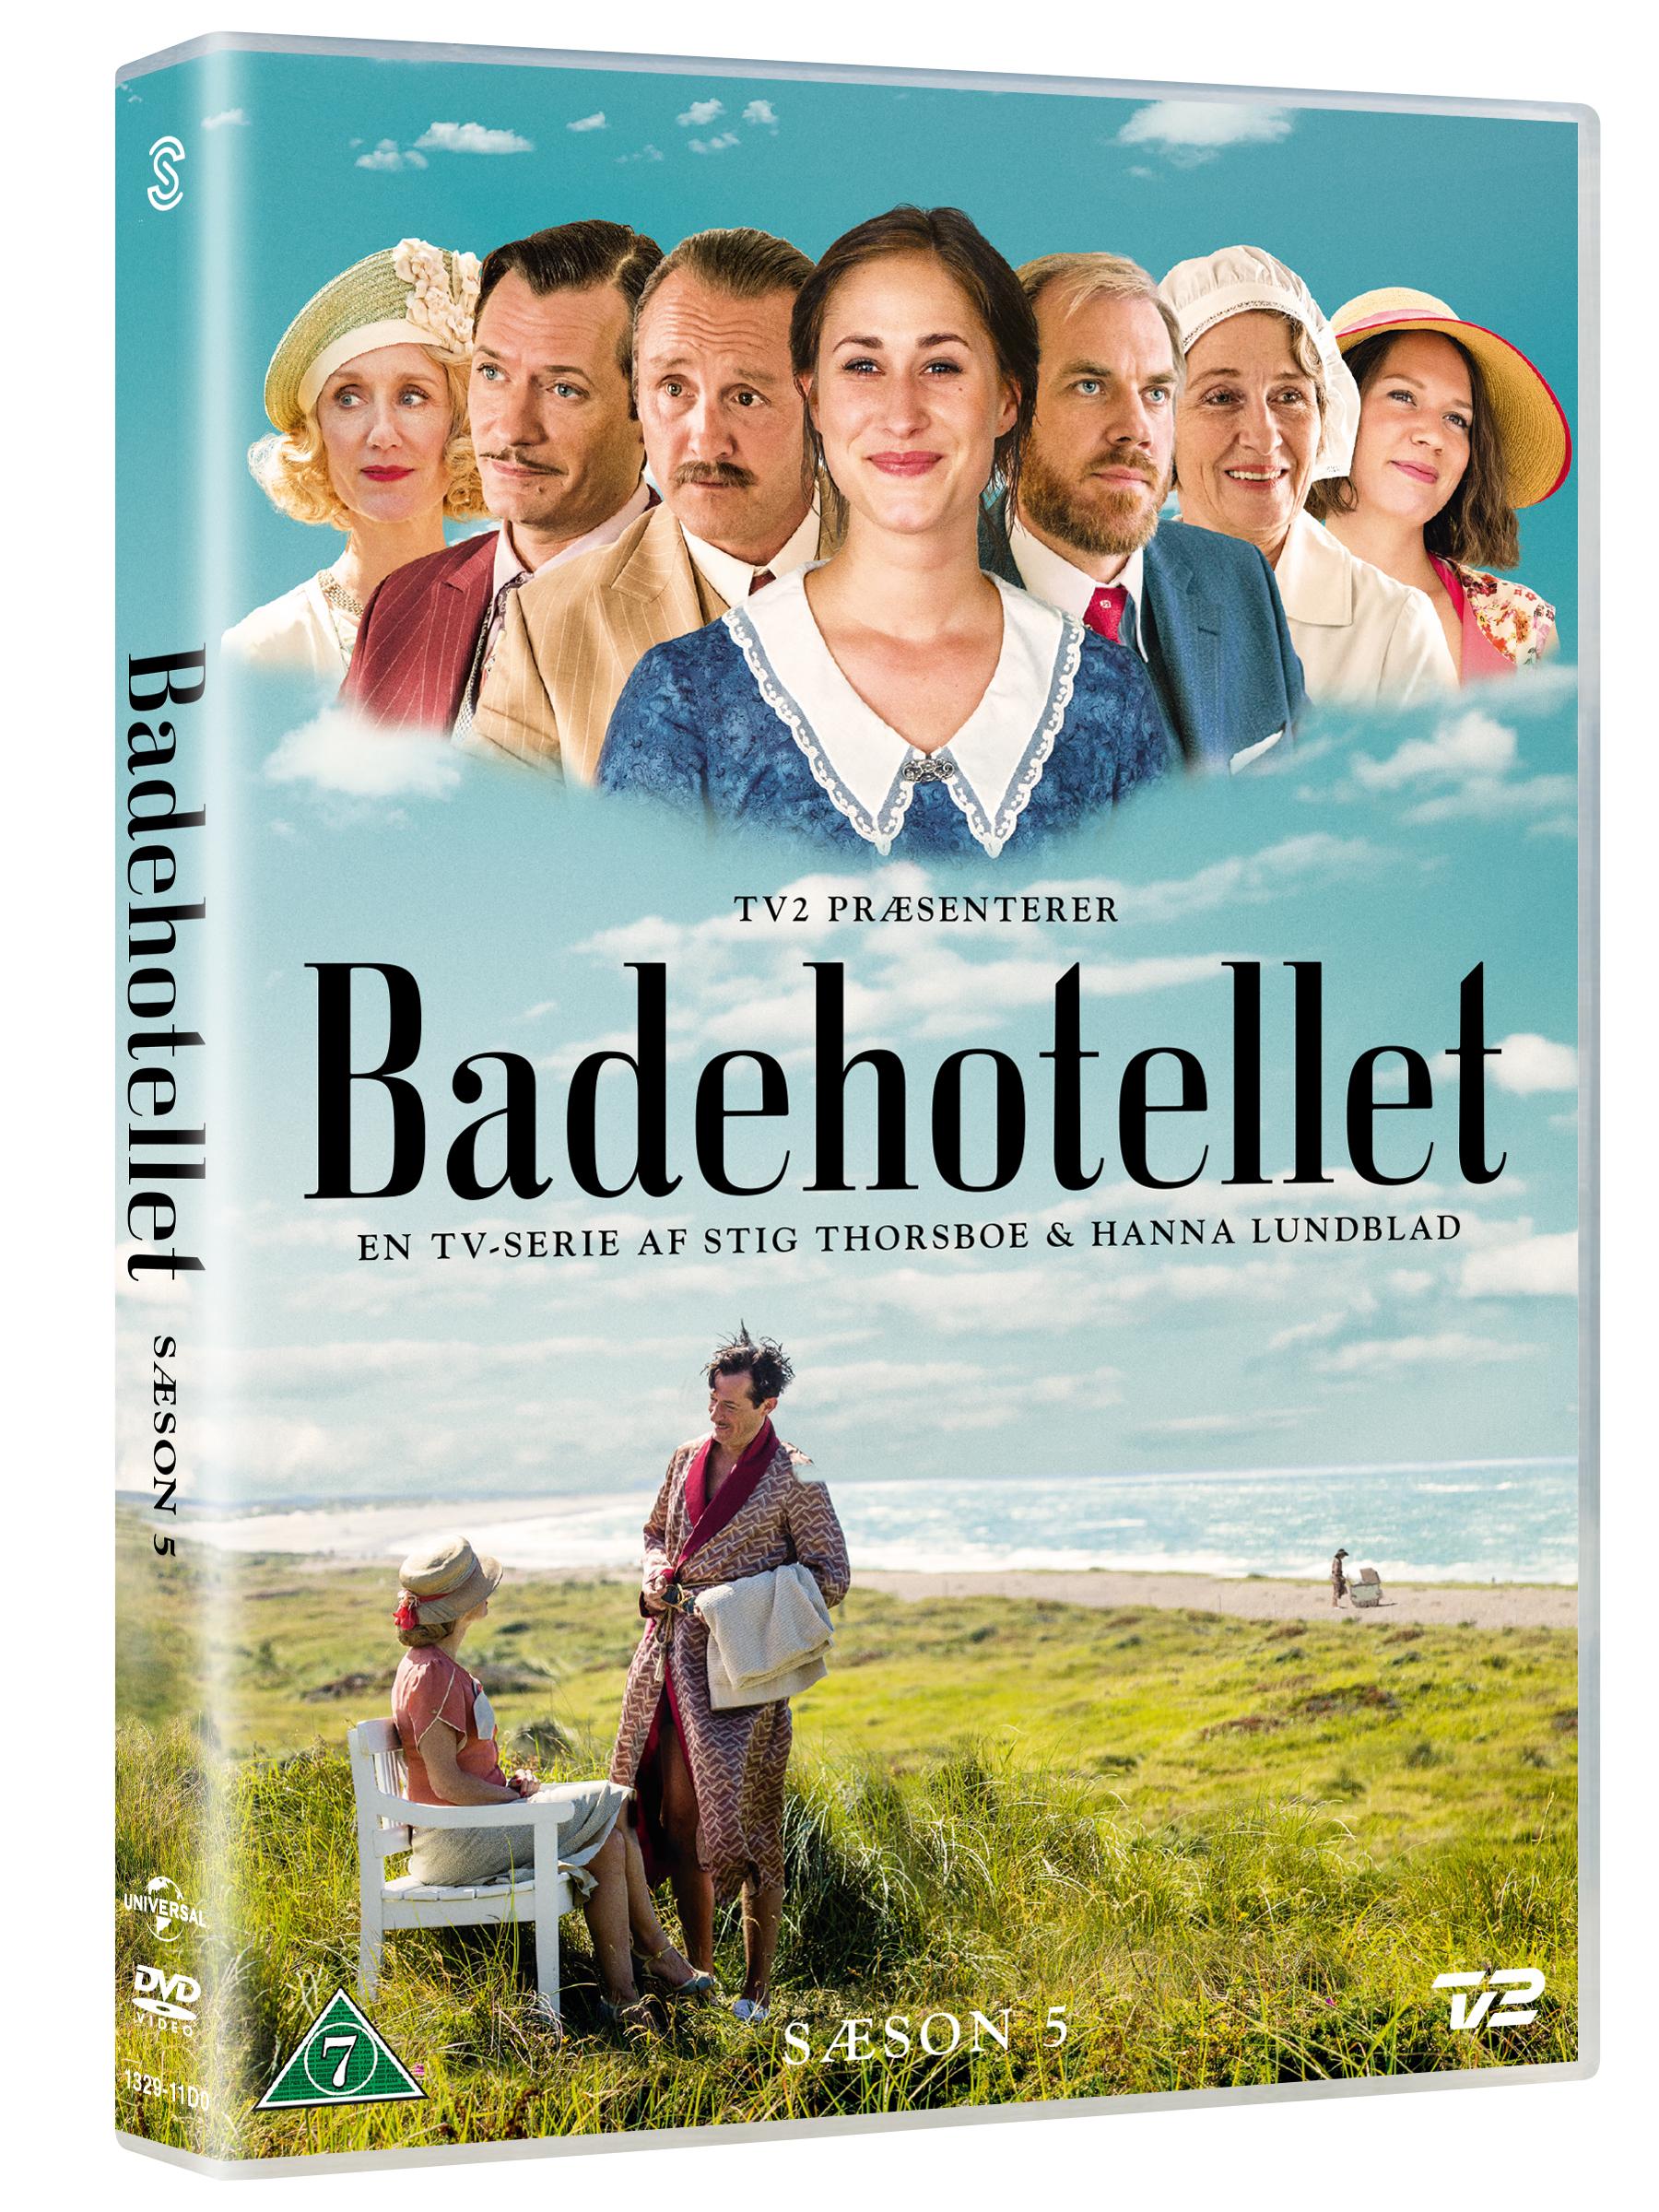 Badehotellet - Sæson 5 - Badehotellet - Film -  - 5706169001531 - 11/10-2018